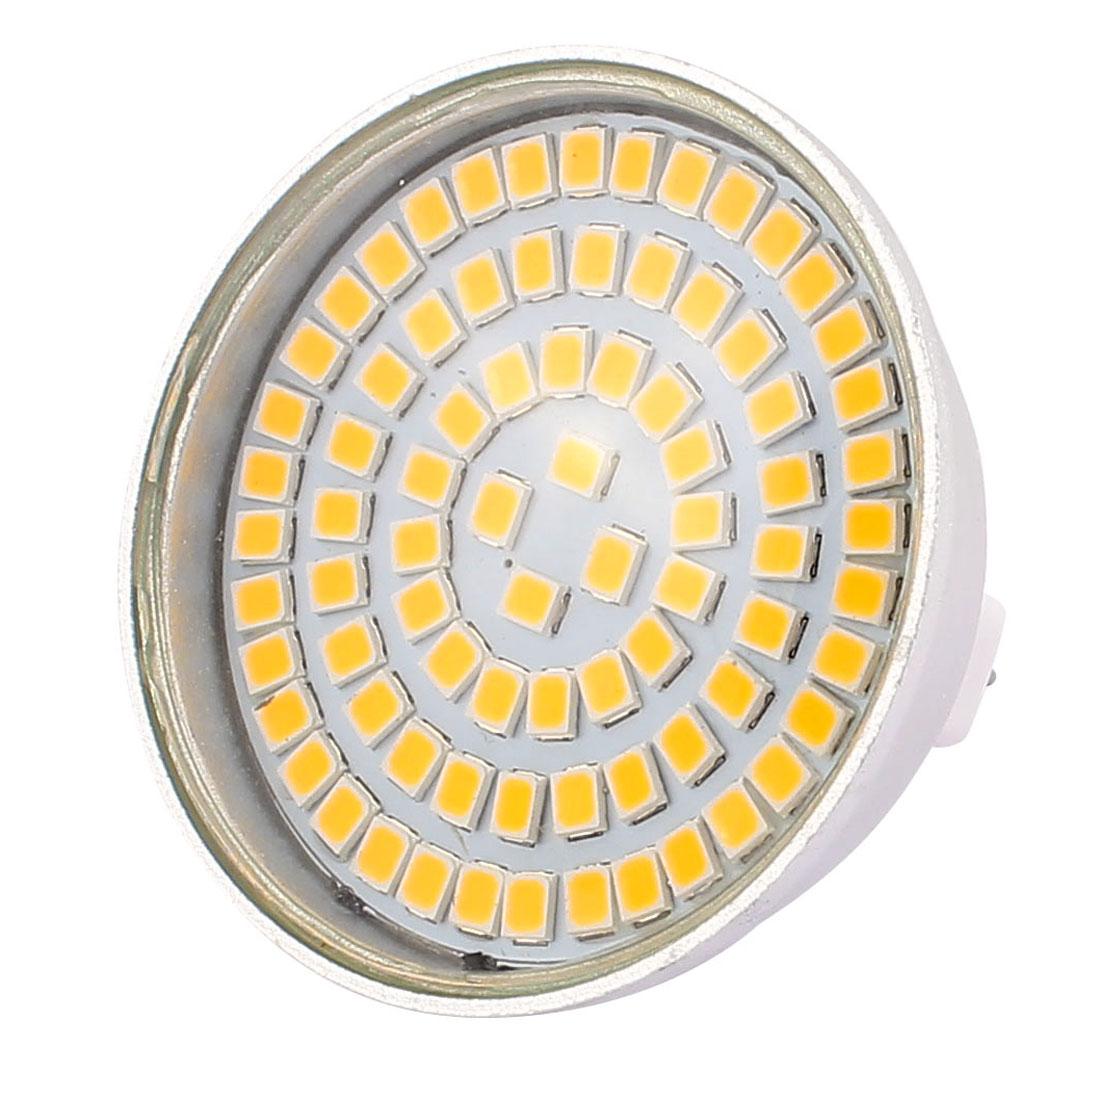 MR16 SMD 2835 80 LEDs Aluminum Energy Saving LED Lamp Bulb Warm White AC 110V 8W